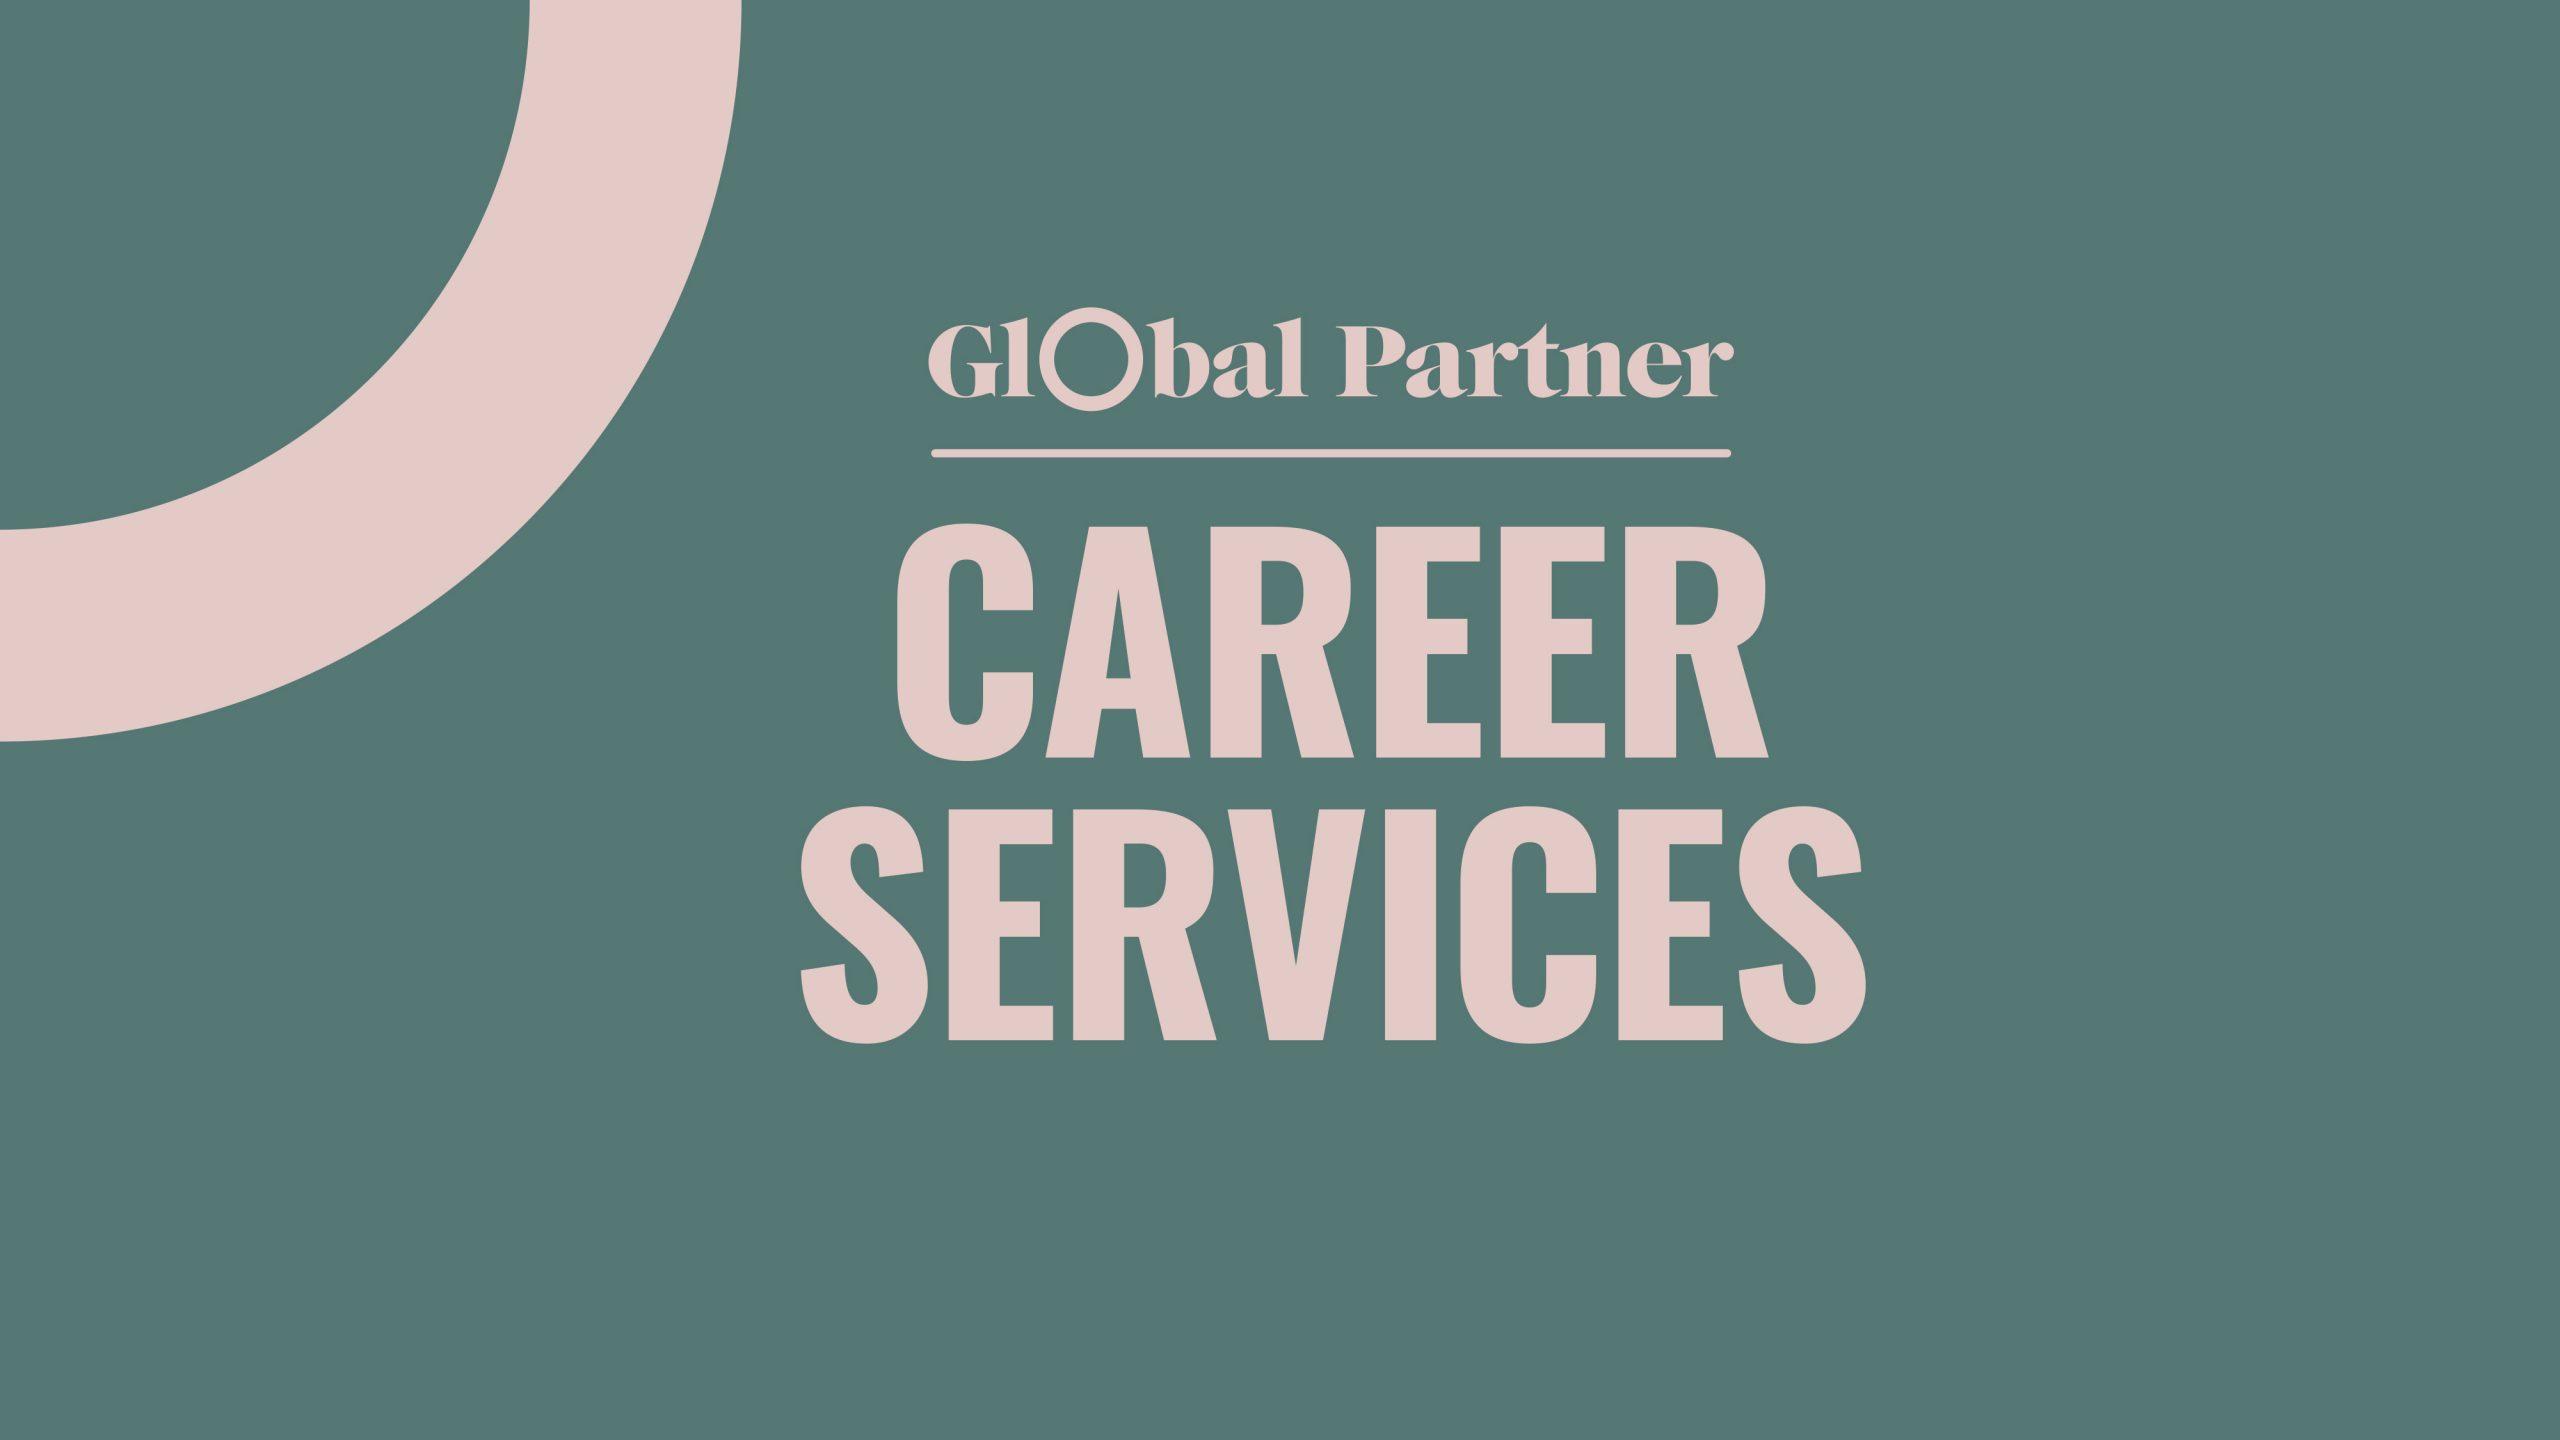 Global Partner